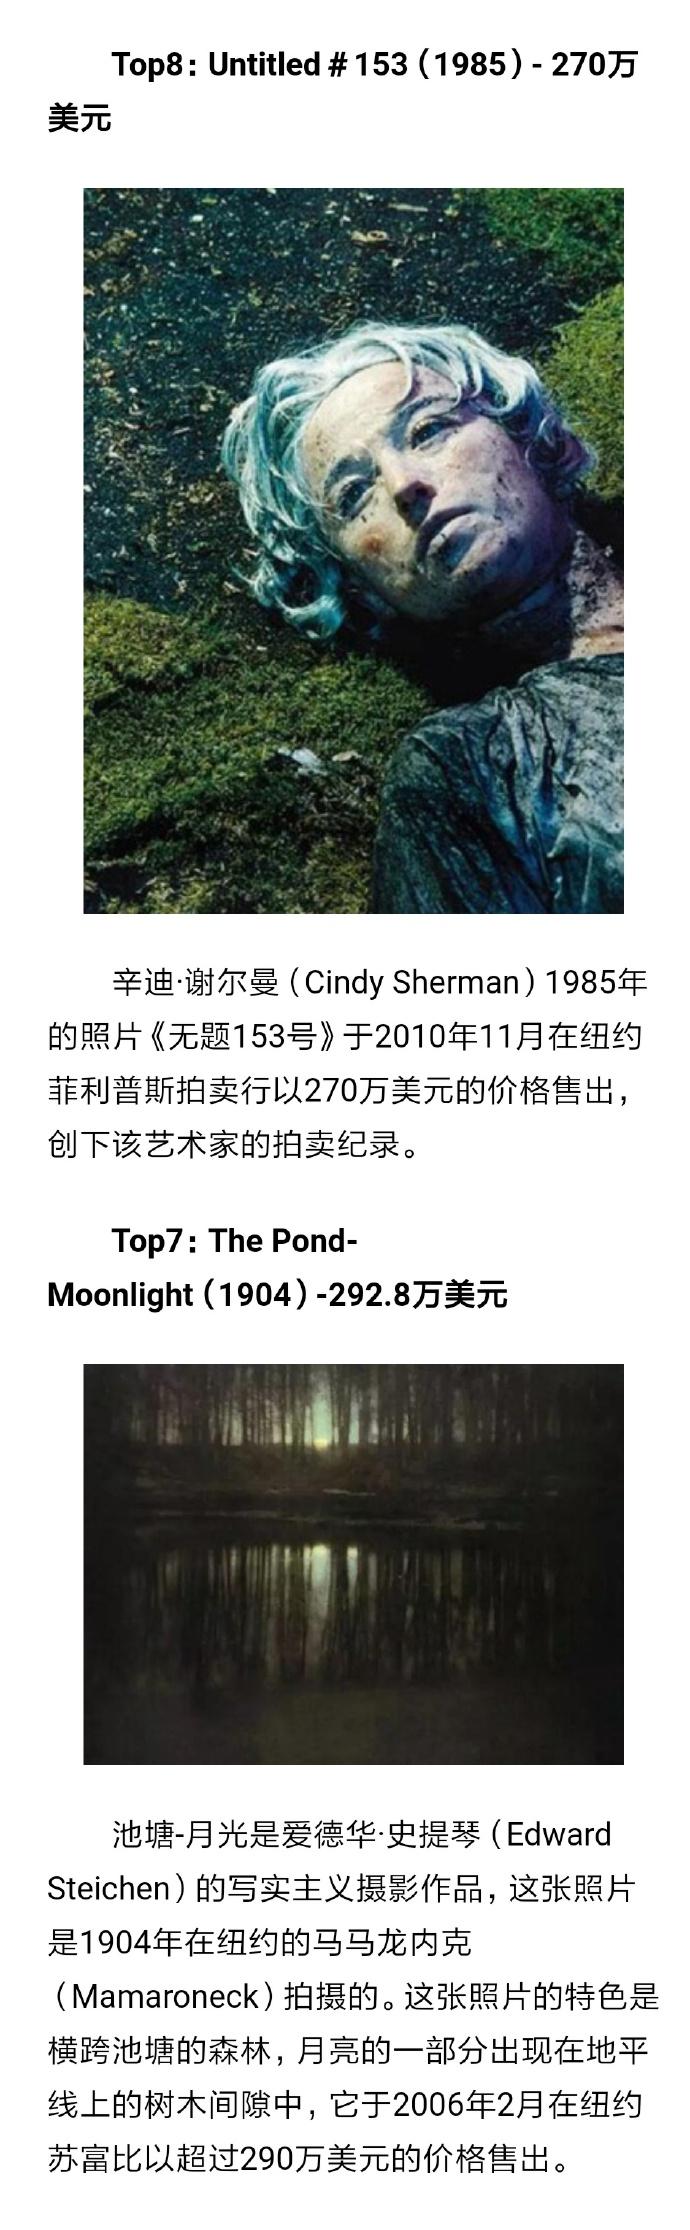 世界上最贵的照片Top8、Top7